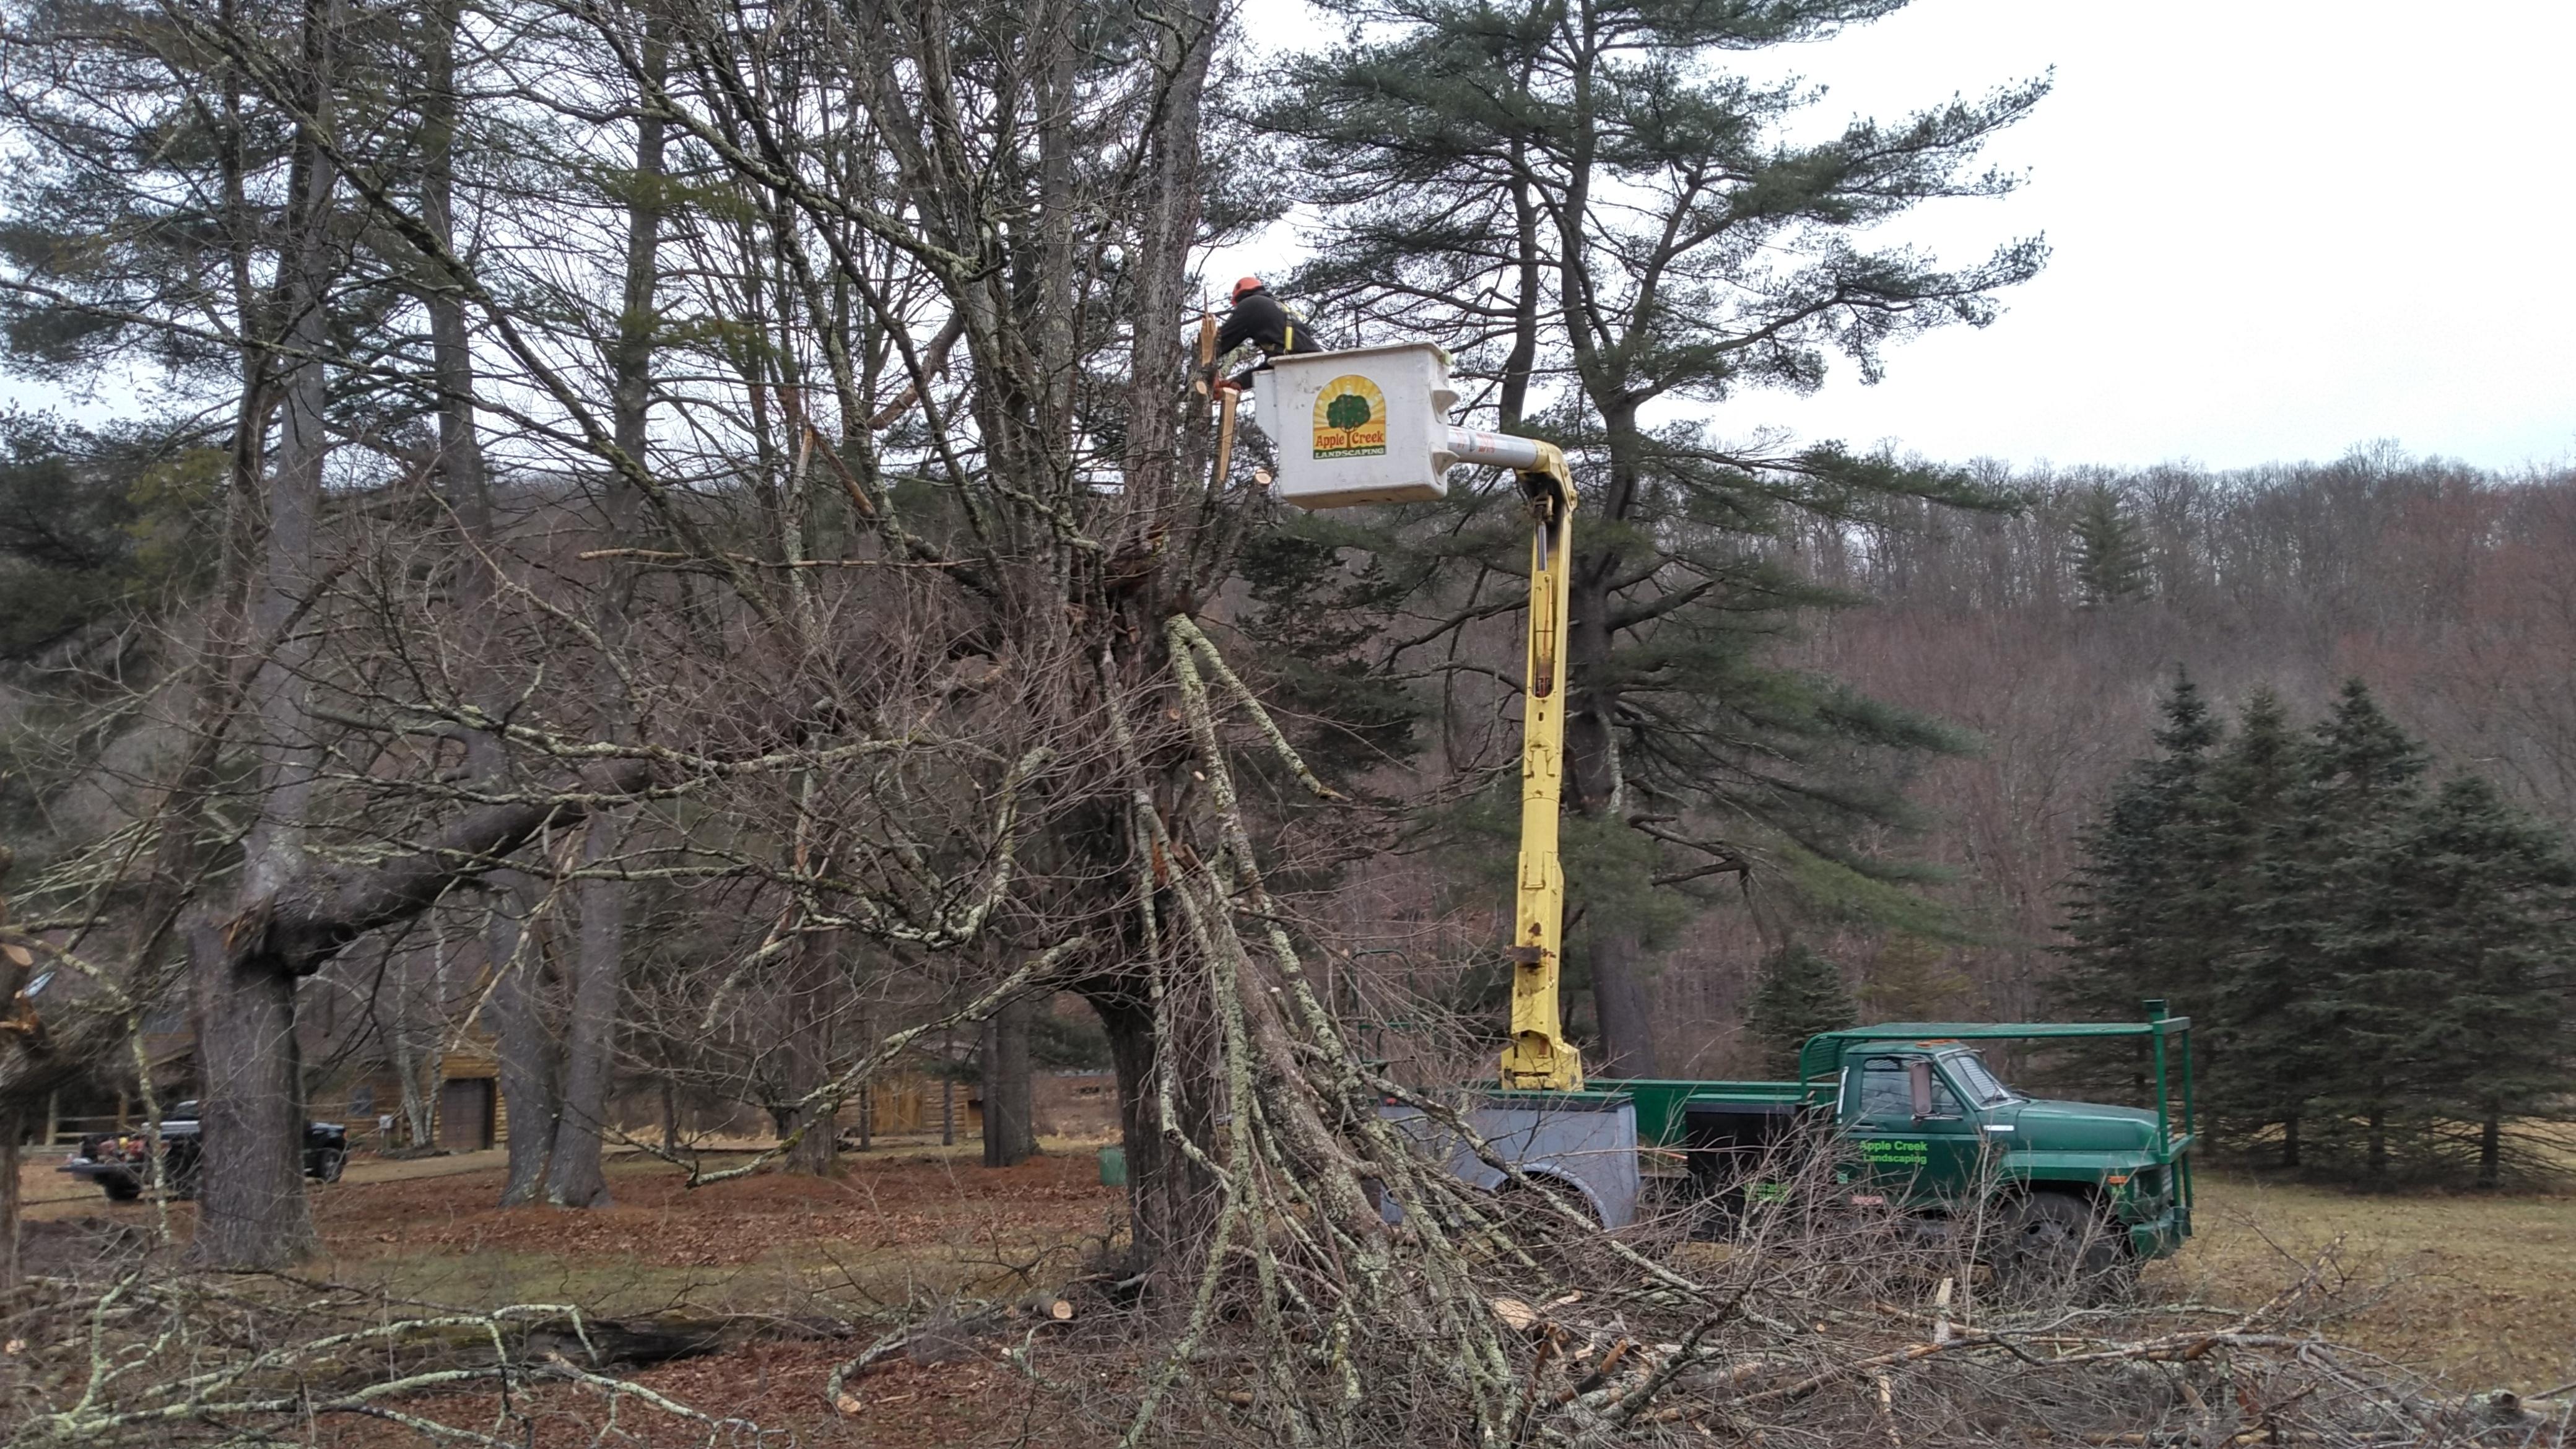 Apple Creek tree service in progress